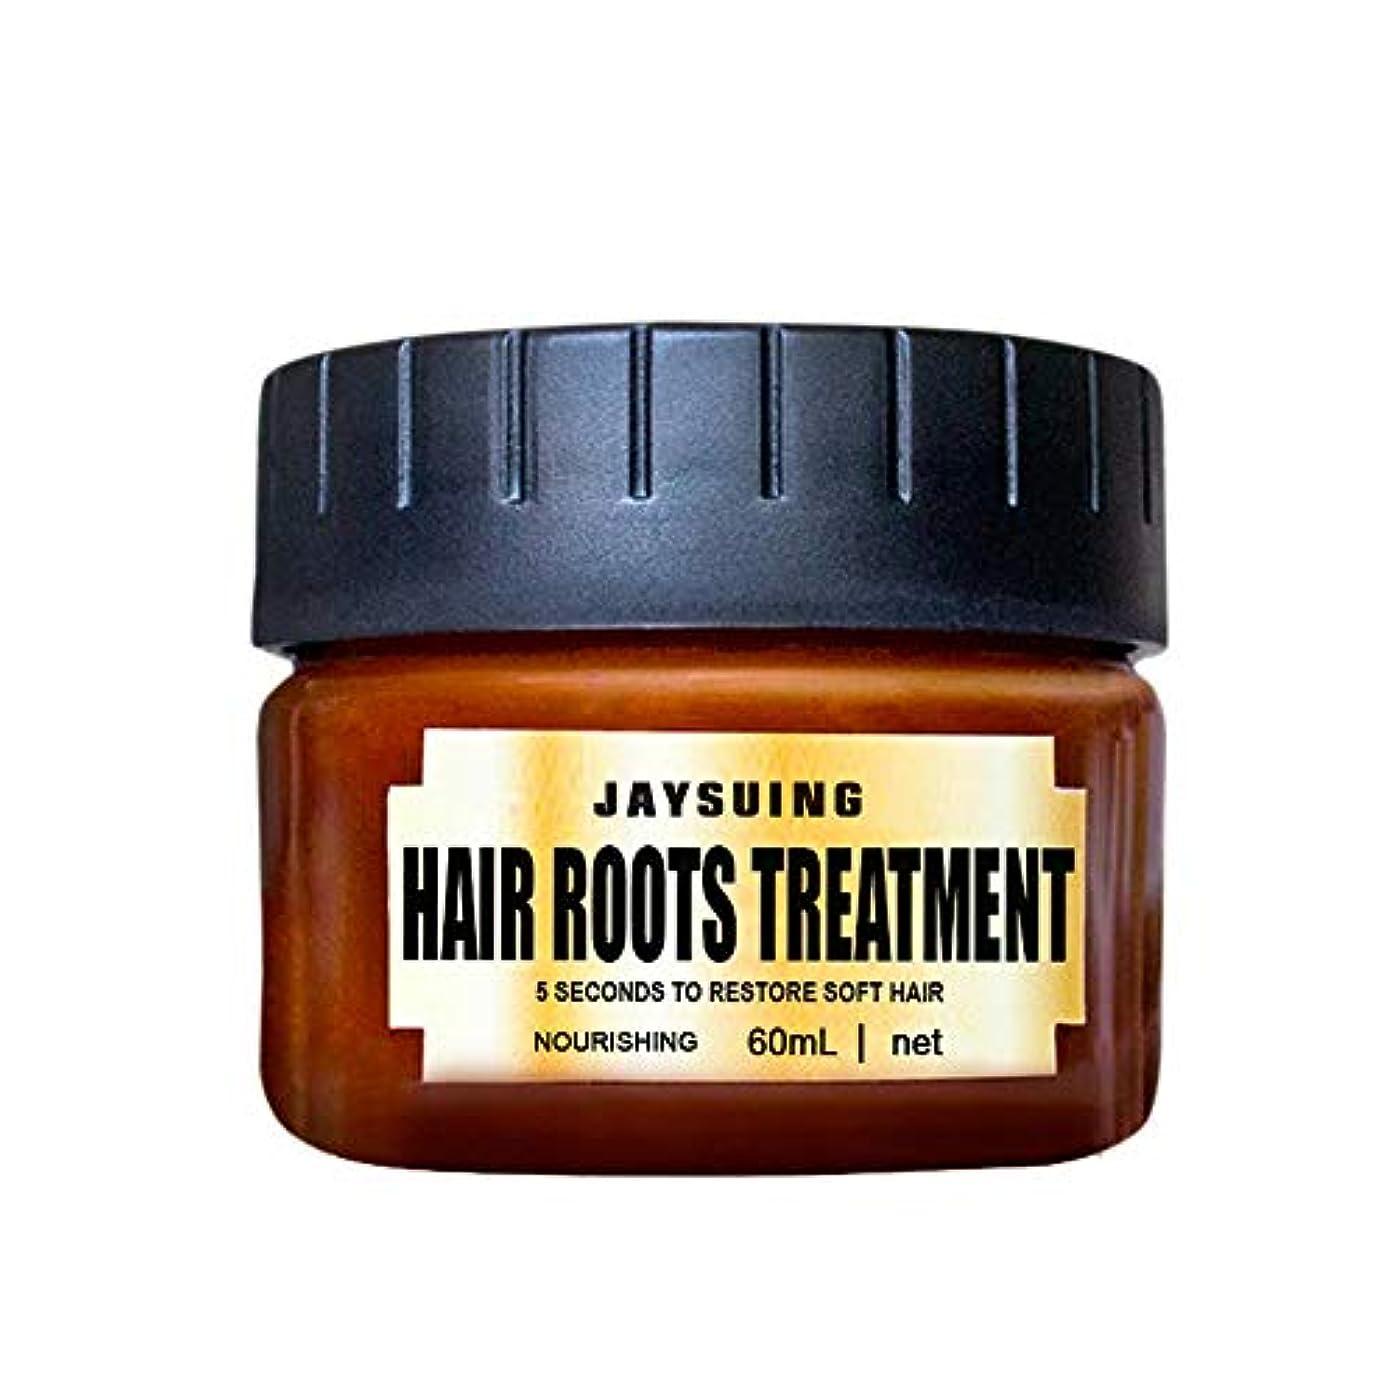 低い練習した軽蔑DOUJI天然植物成分 ヘアケア リッチリペア コンディショナー60mlダメージのある髪へ 髪の排毒ヘアマスク高度な分子毛根治療回復 髪の栄養素を補給トリートメント